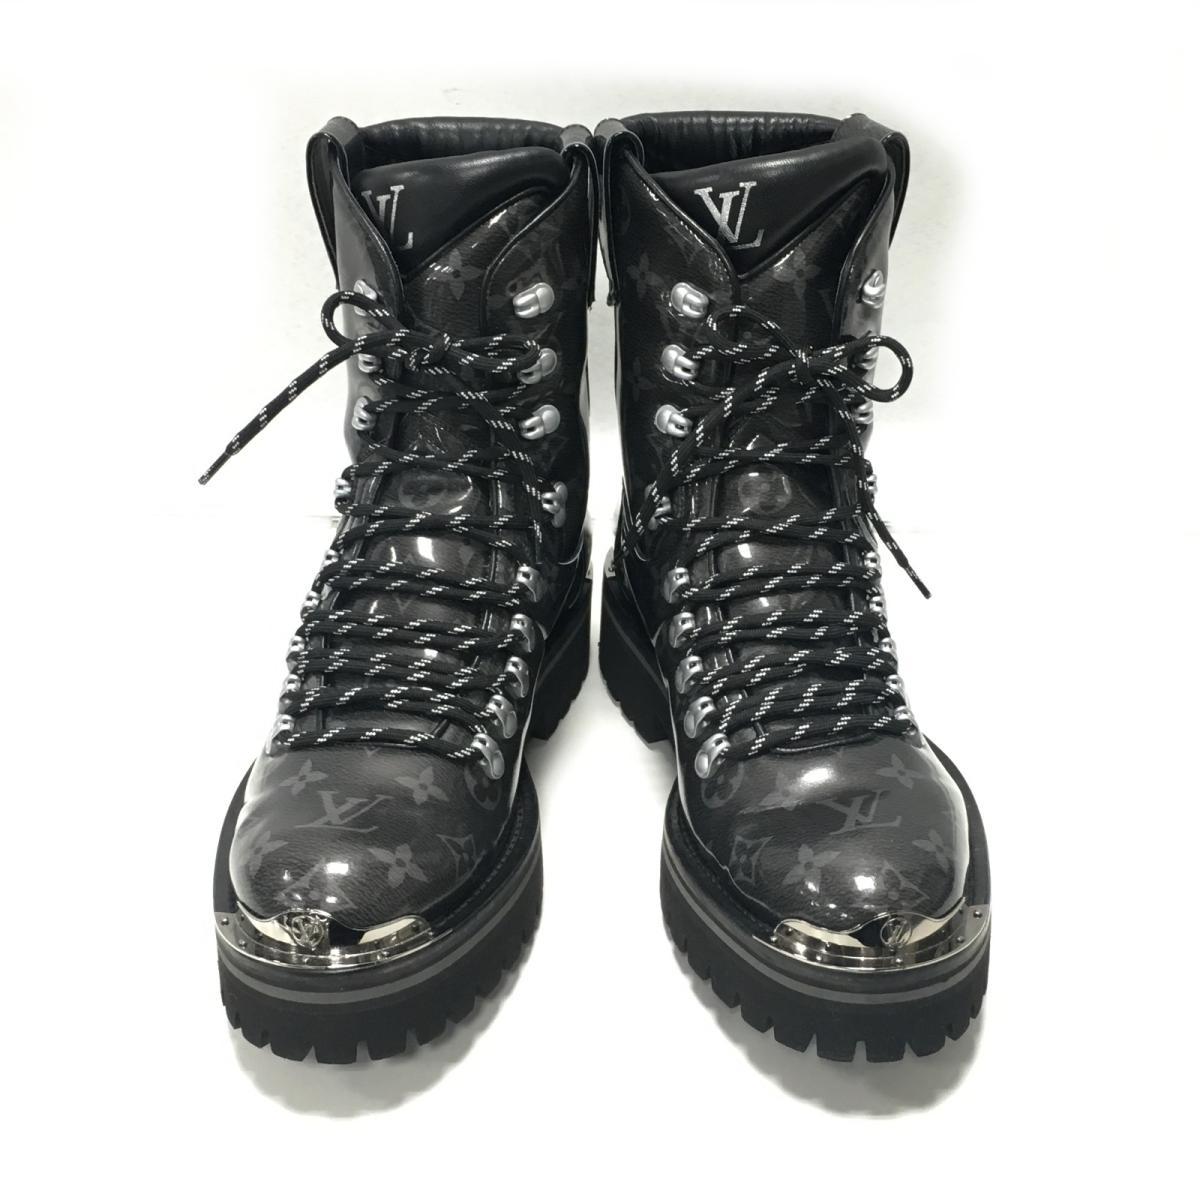 9fd2b56c8731 Auth LOUIS VUITTON Outland Line Ankle Boots Shoes 1A4K2J Monogram Glaze  Used